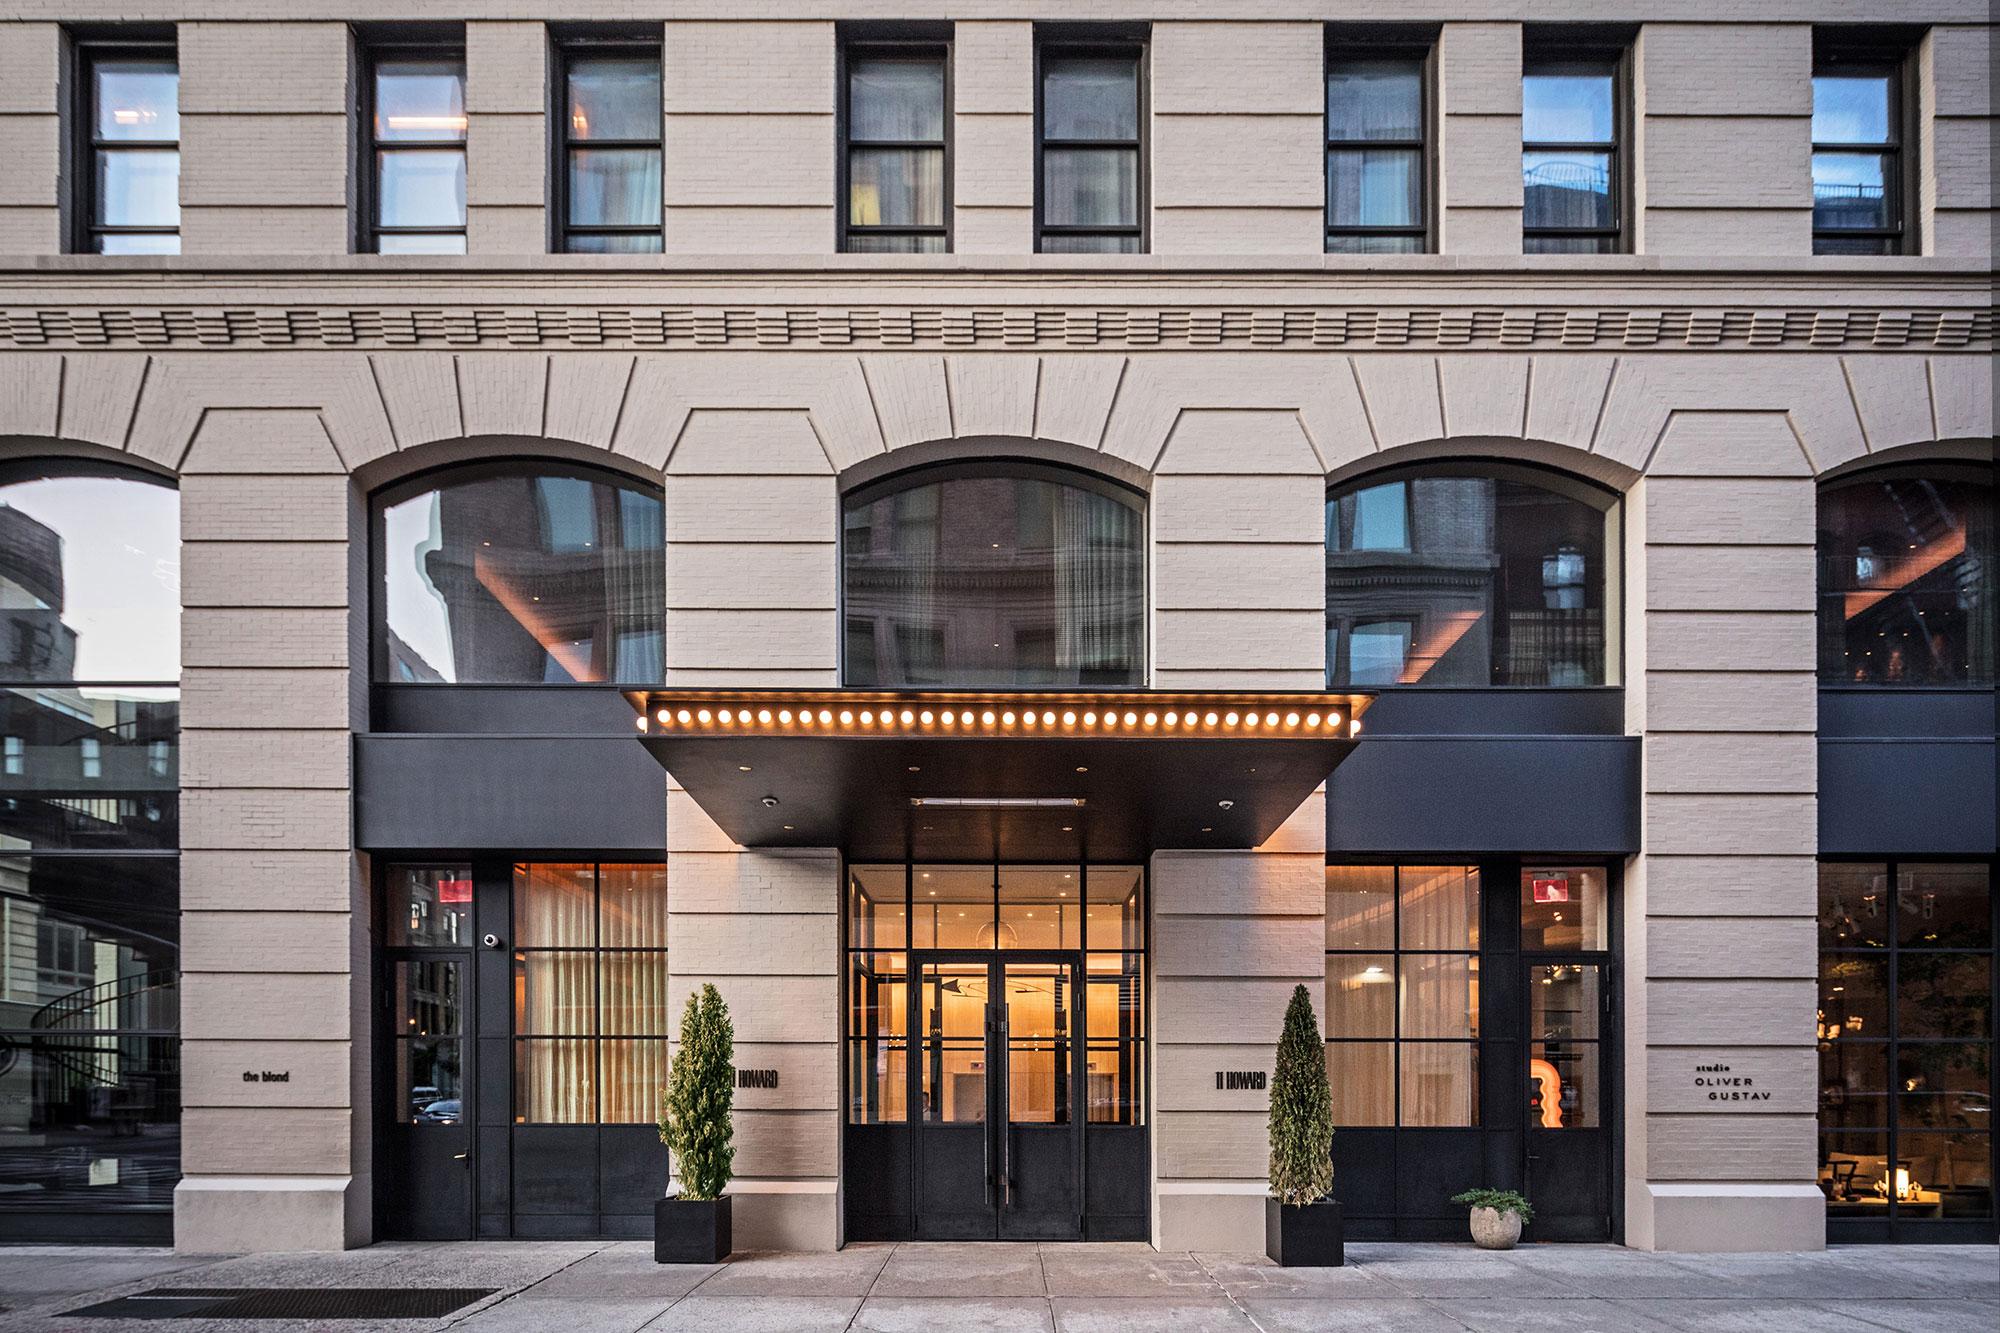 11 Howard, New York (architect: Anda Andrei)